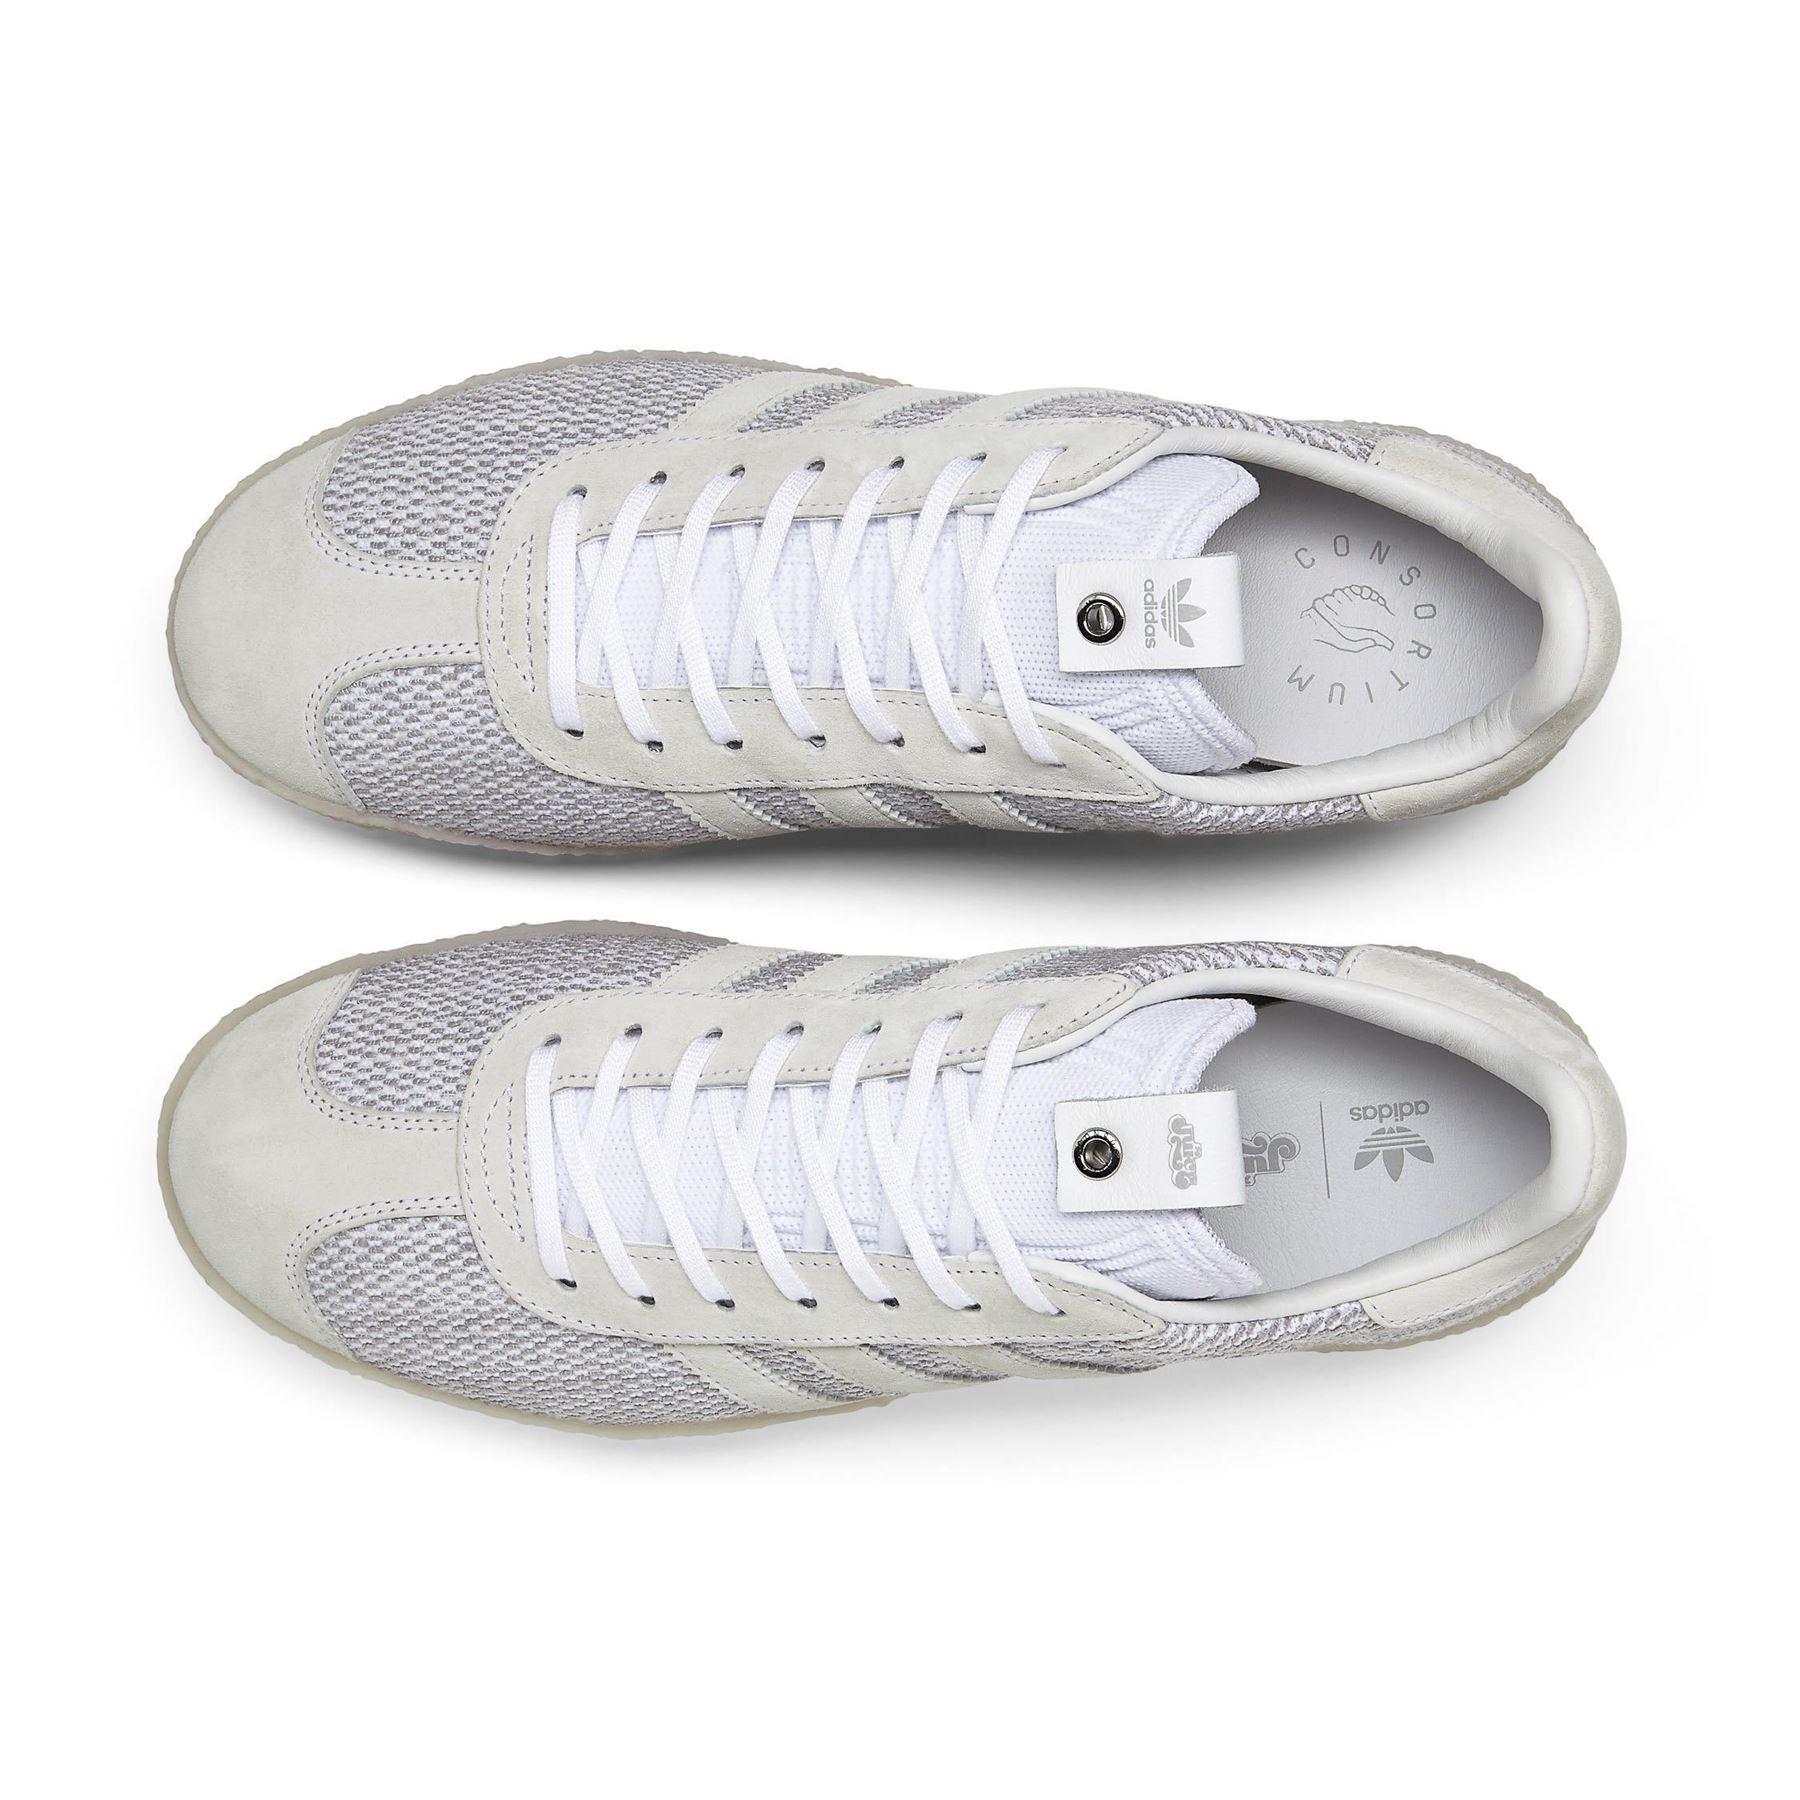 size 40 c05d4 cc77b Adidas ORIGINALS consorcio gacela X jugo de entrenadores zapatillas zapatos  UNISEX